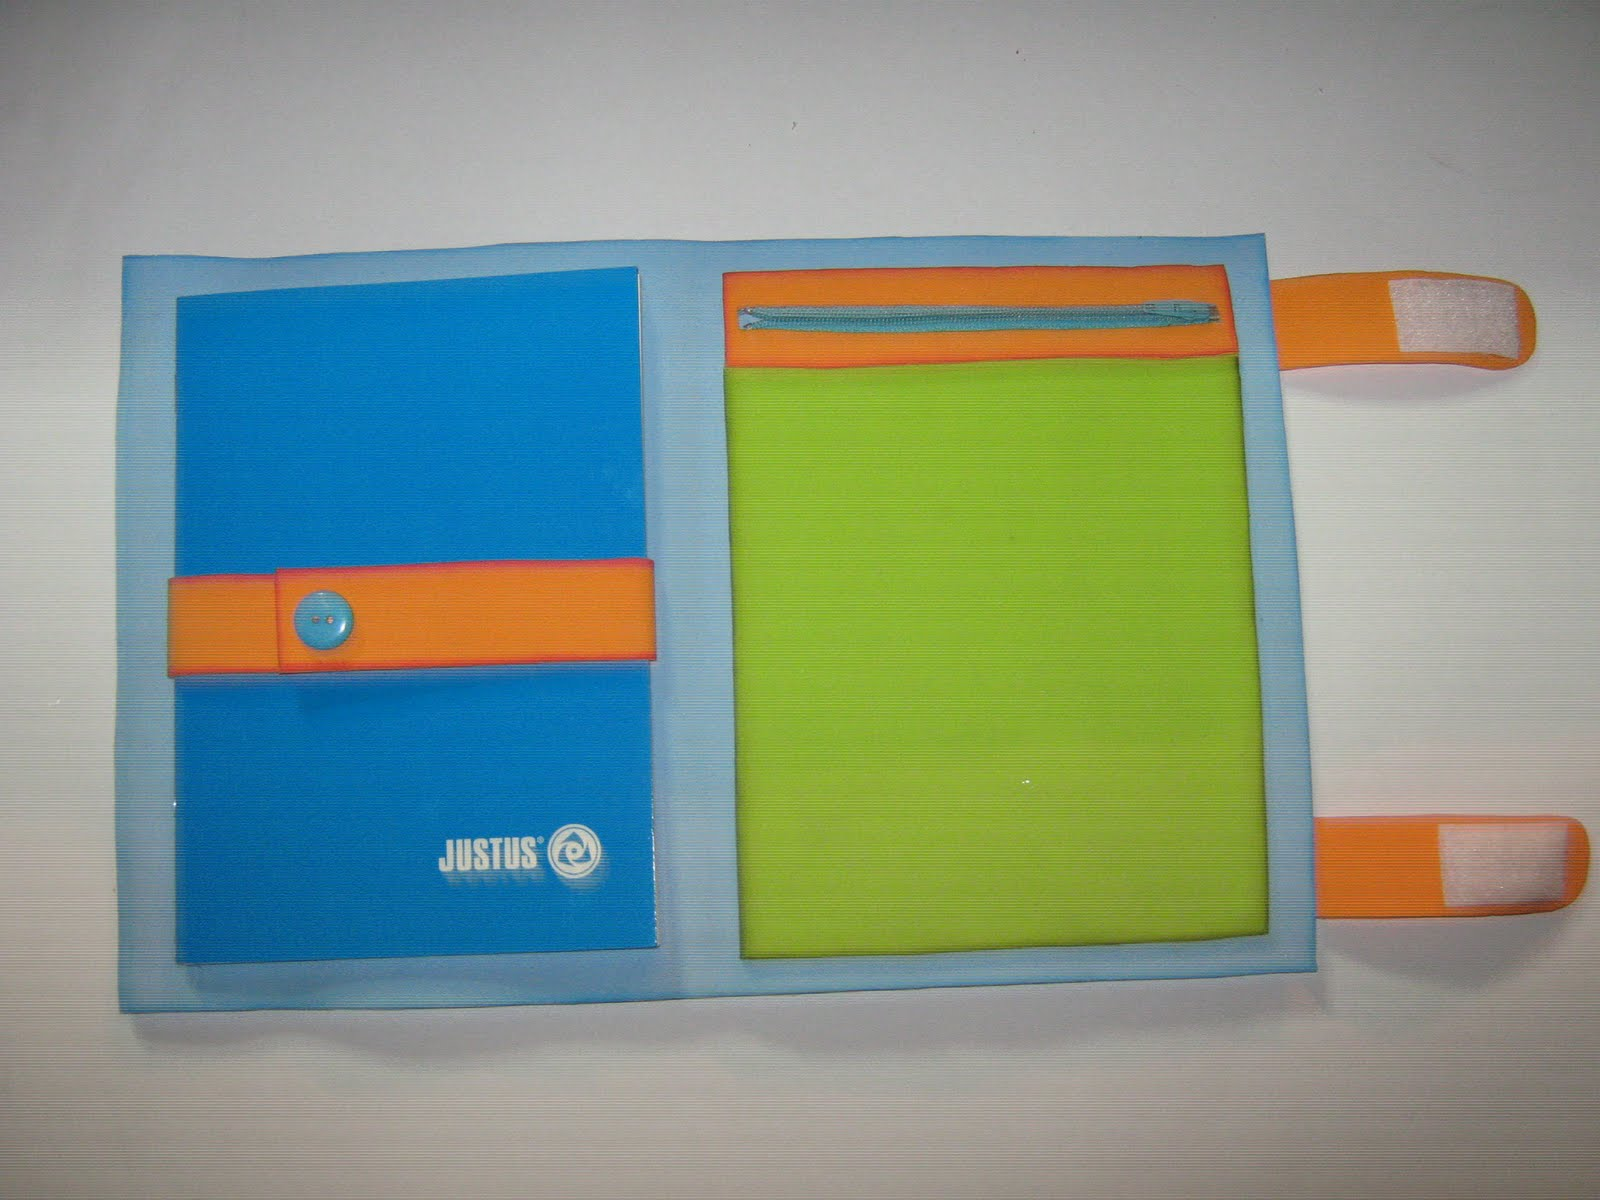 Como hacer un portafolio escolar en foami - Imagui